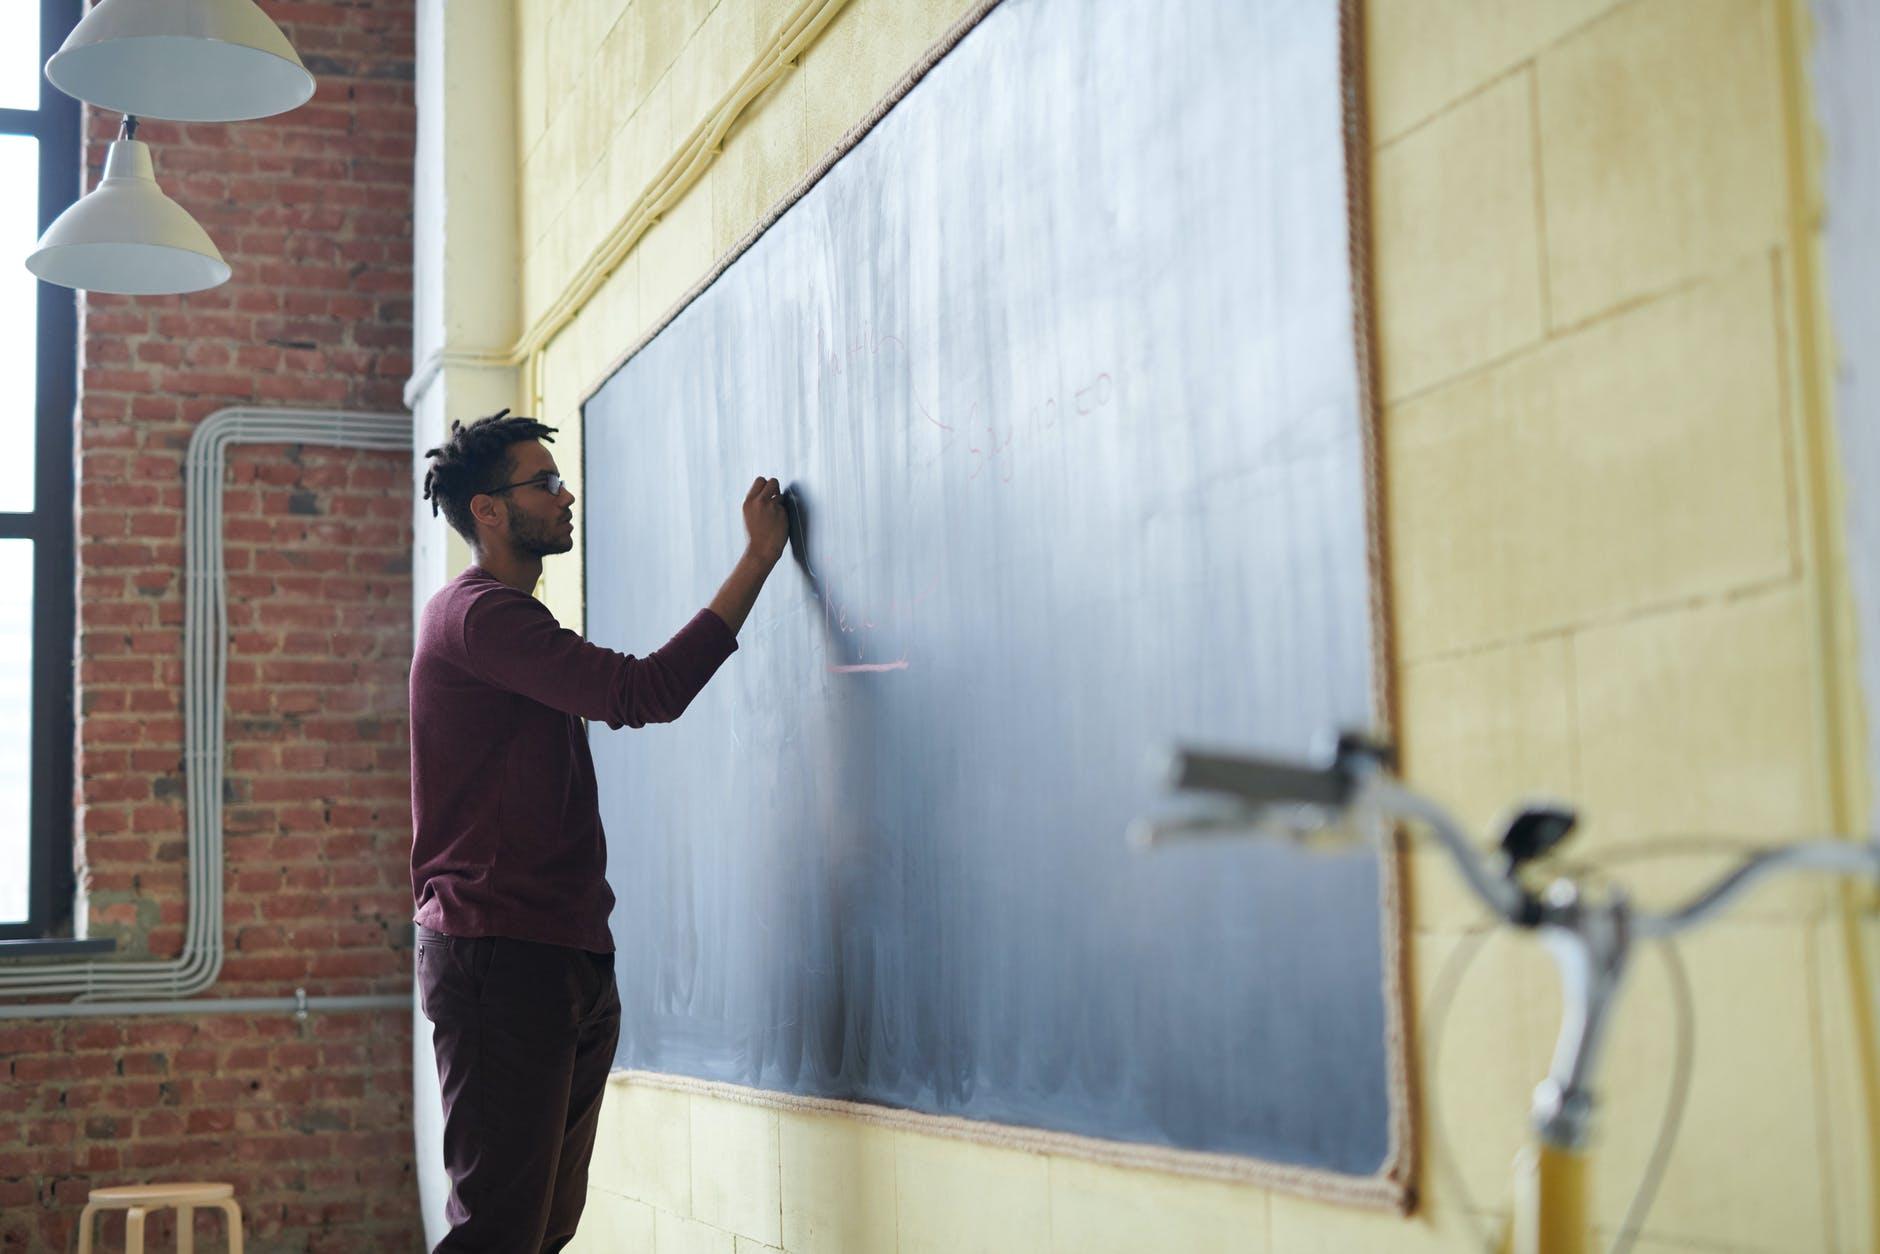 man writing on a blackboard